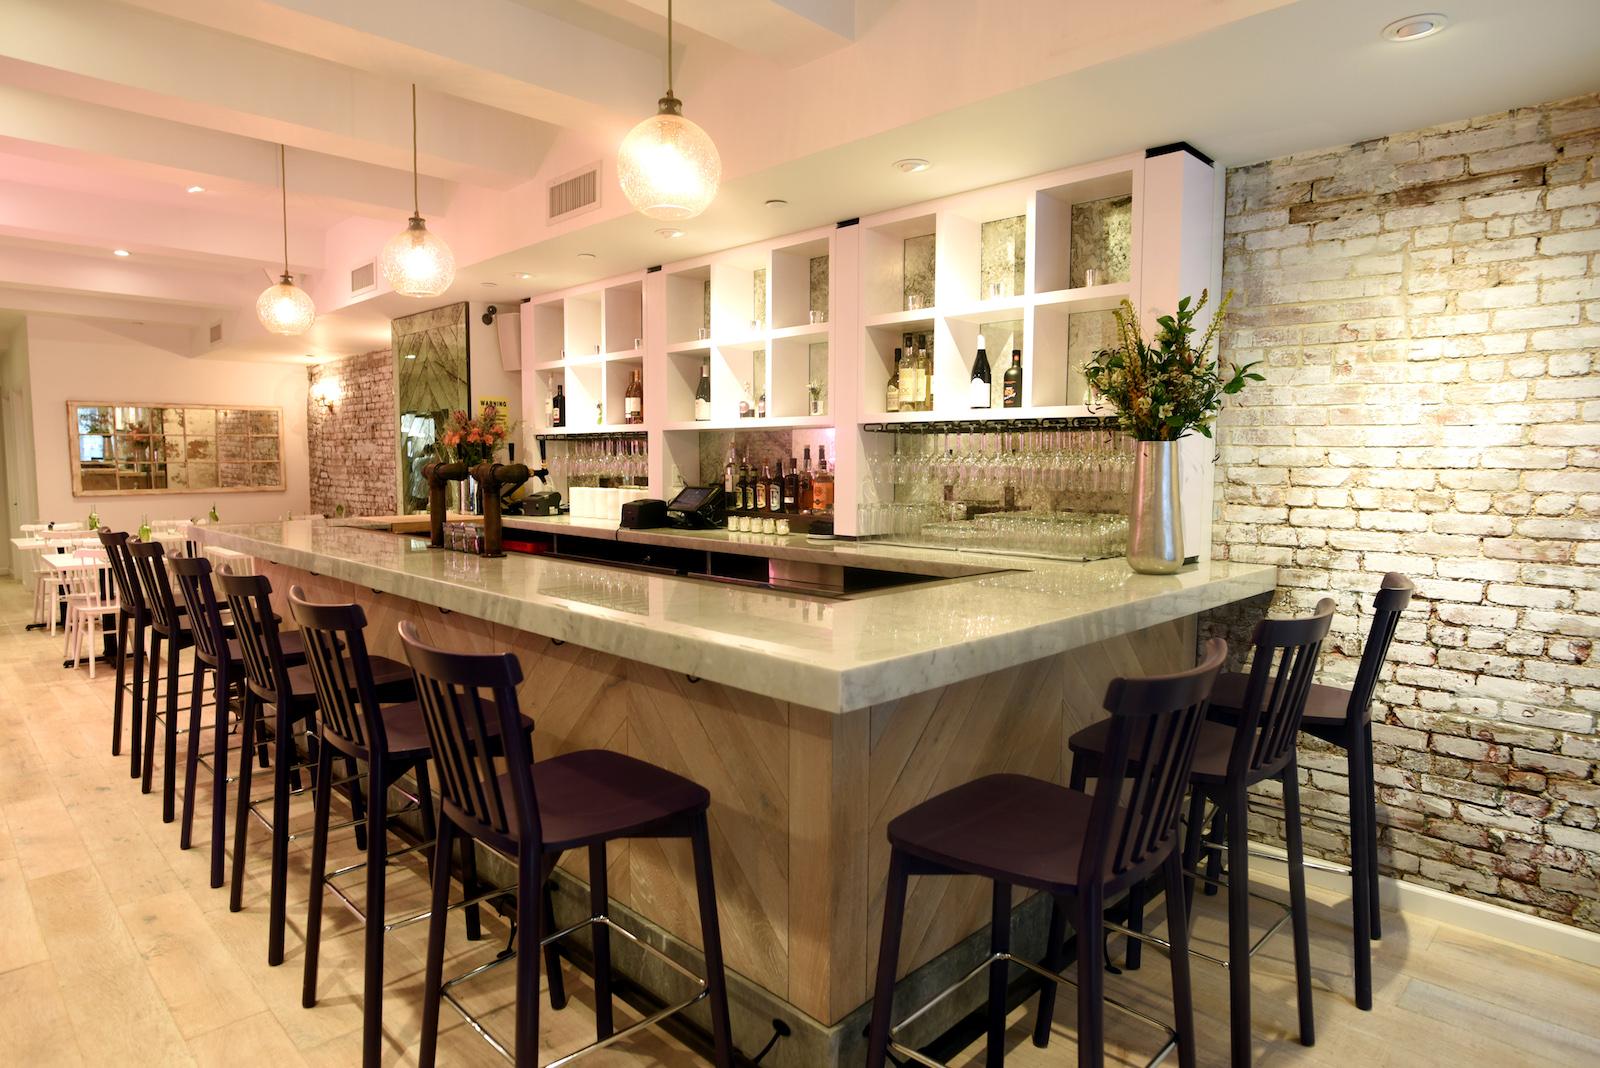 Großzügig Beste Küche Zu Speichern In New York Bilder - Küchen ...